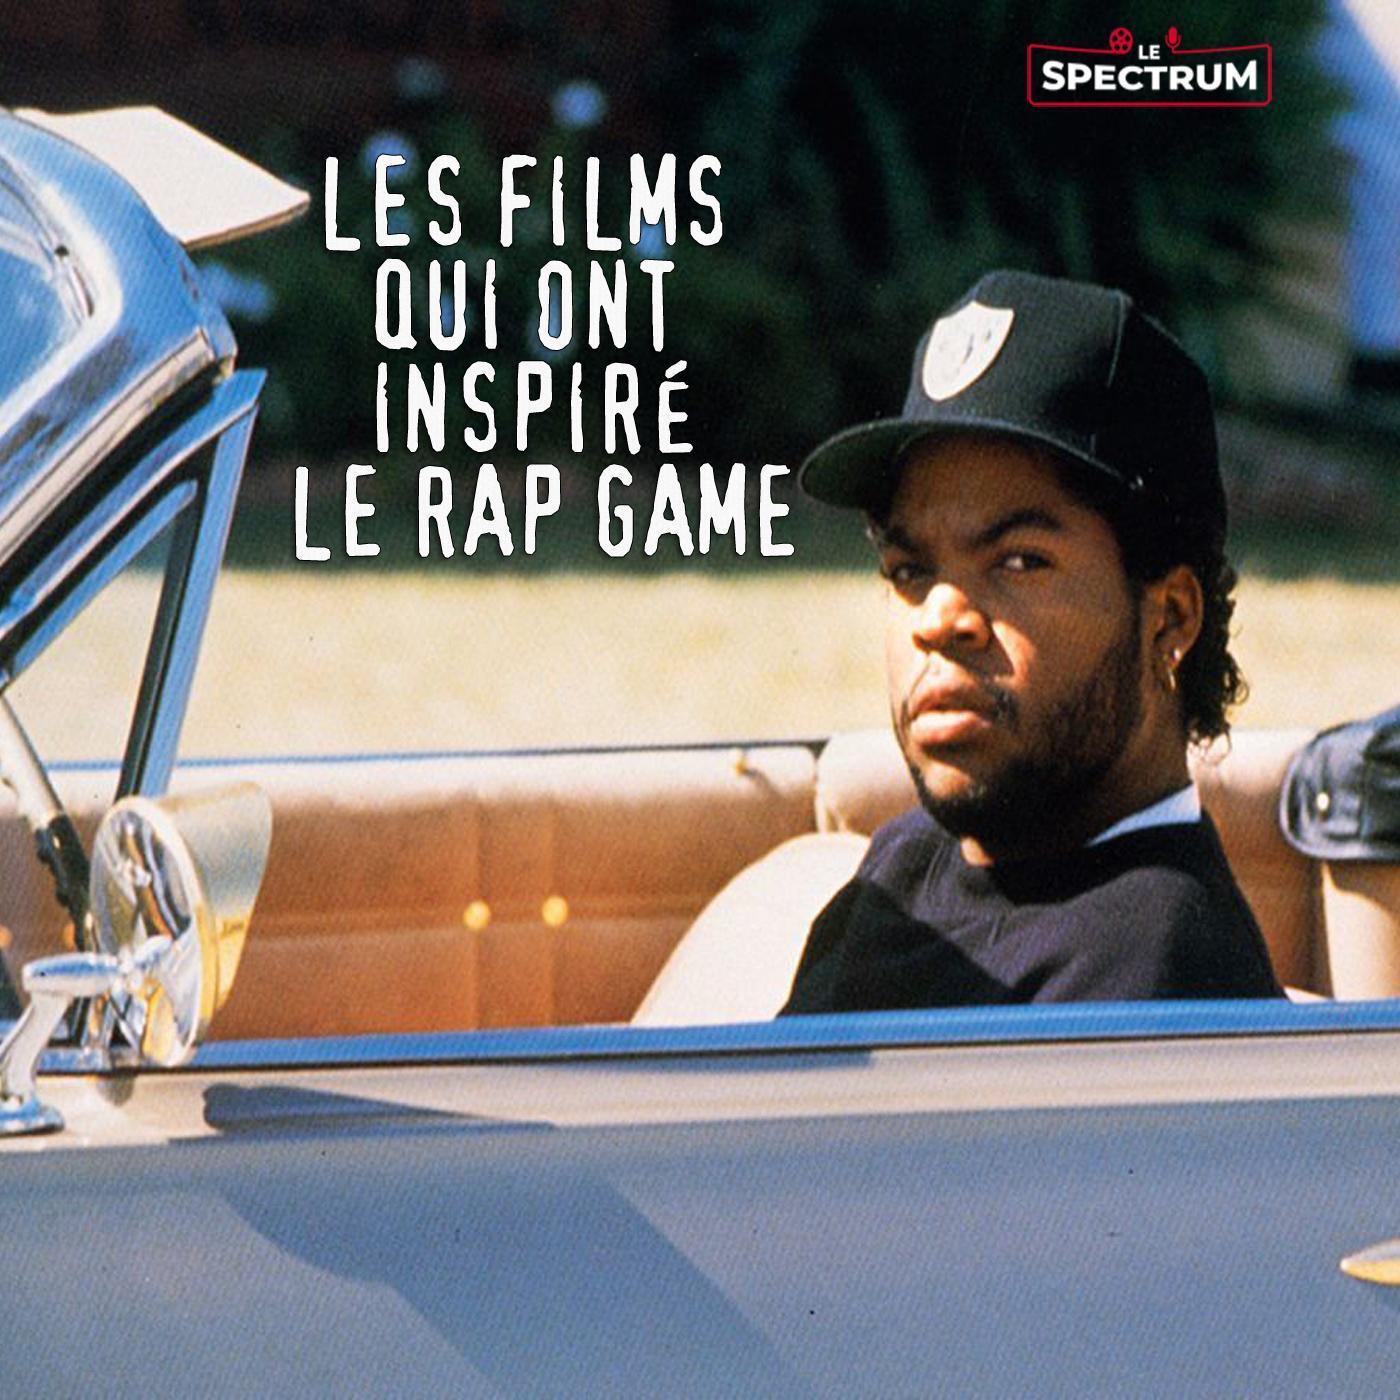 #Episode 05 : Les films qui ont inspiré le Rap Game